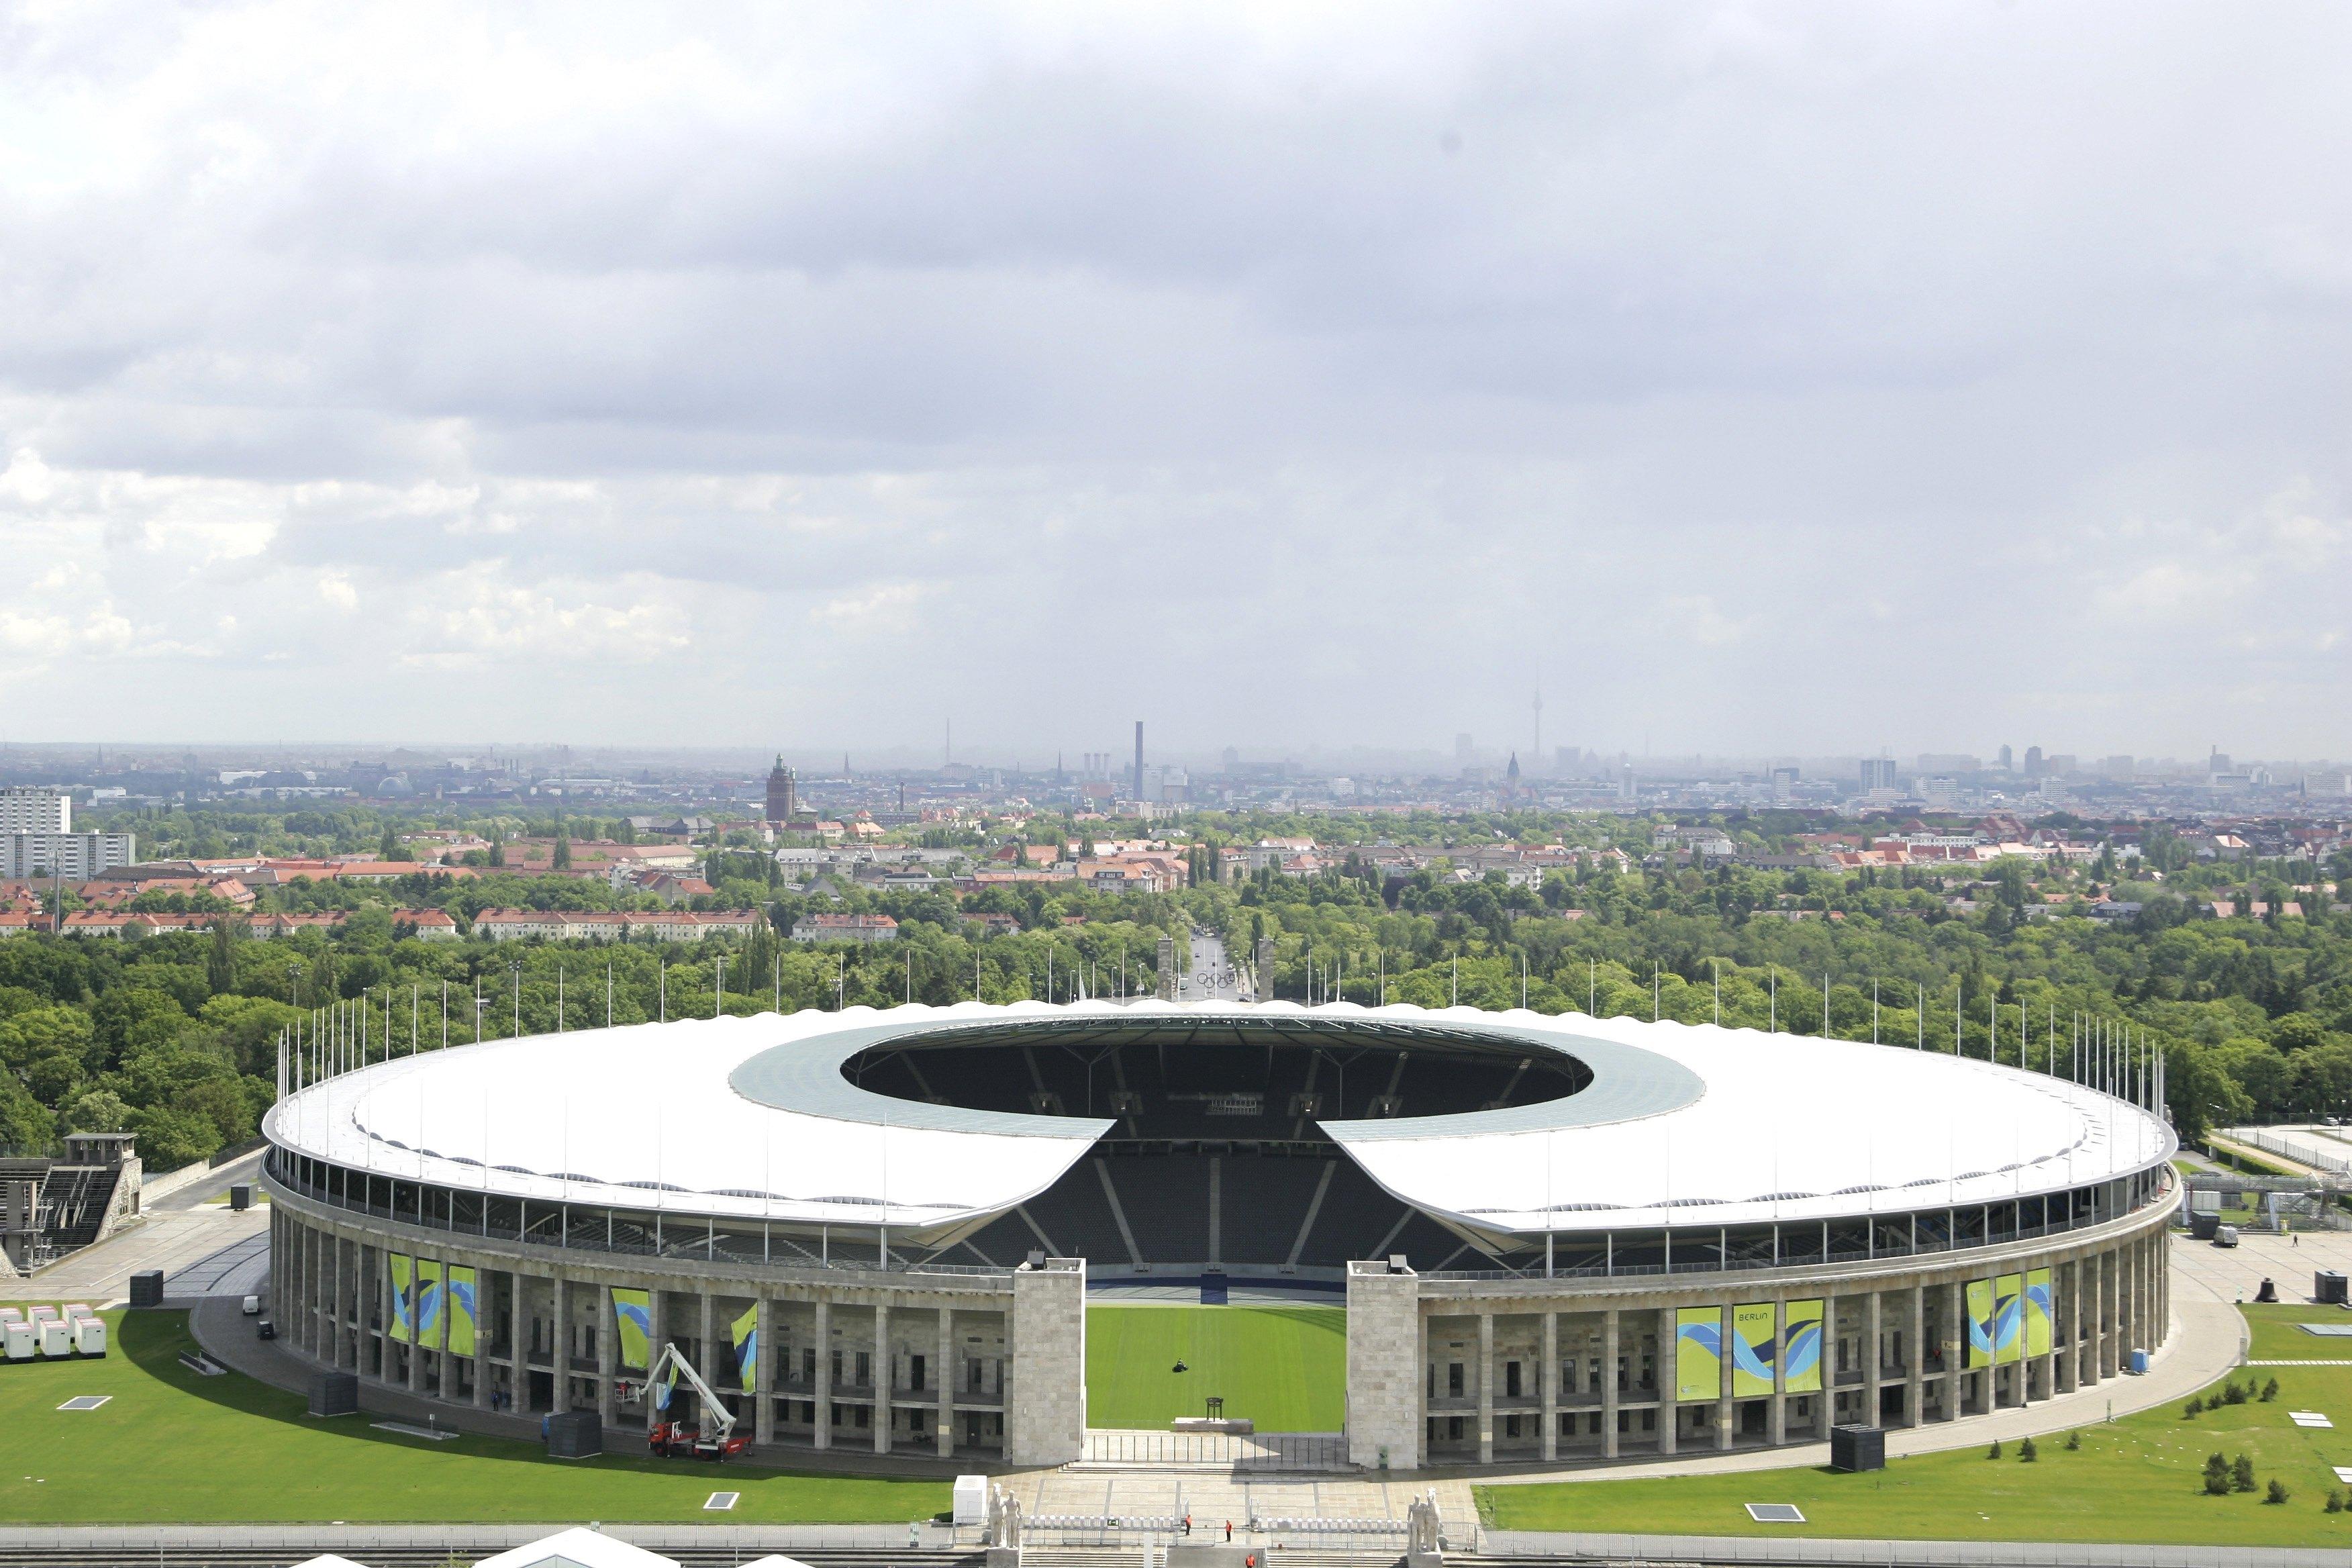 Blick auf das Olympiastadion in Berlin aus der Vogelperspektive